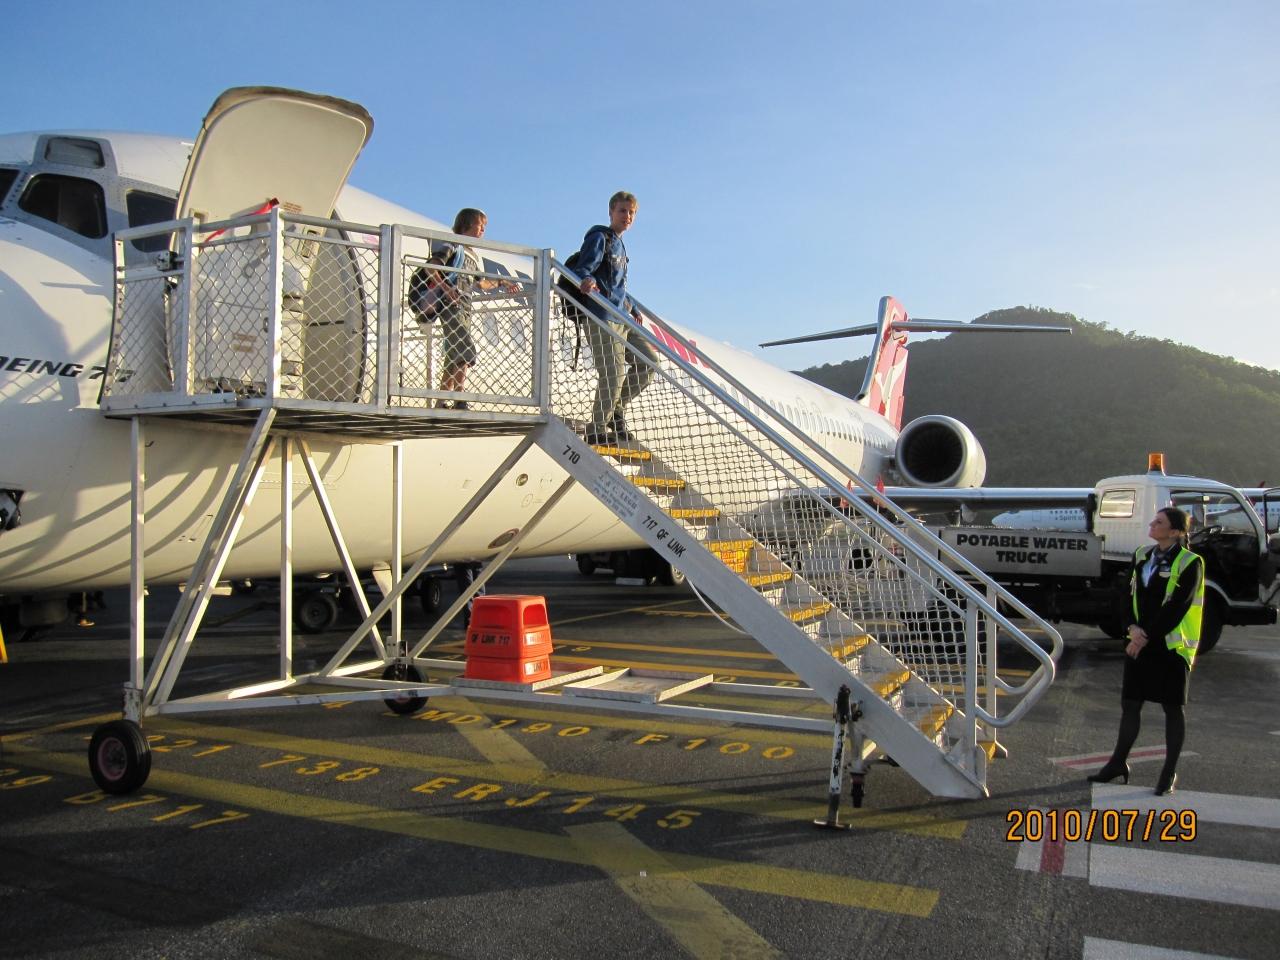 ケアンズ国際空港 (CNS)のクチコミ(4ページ)